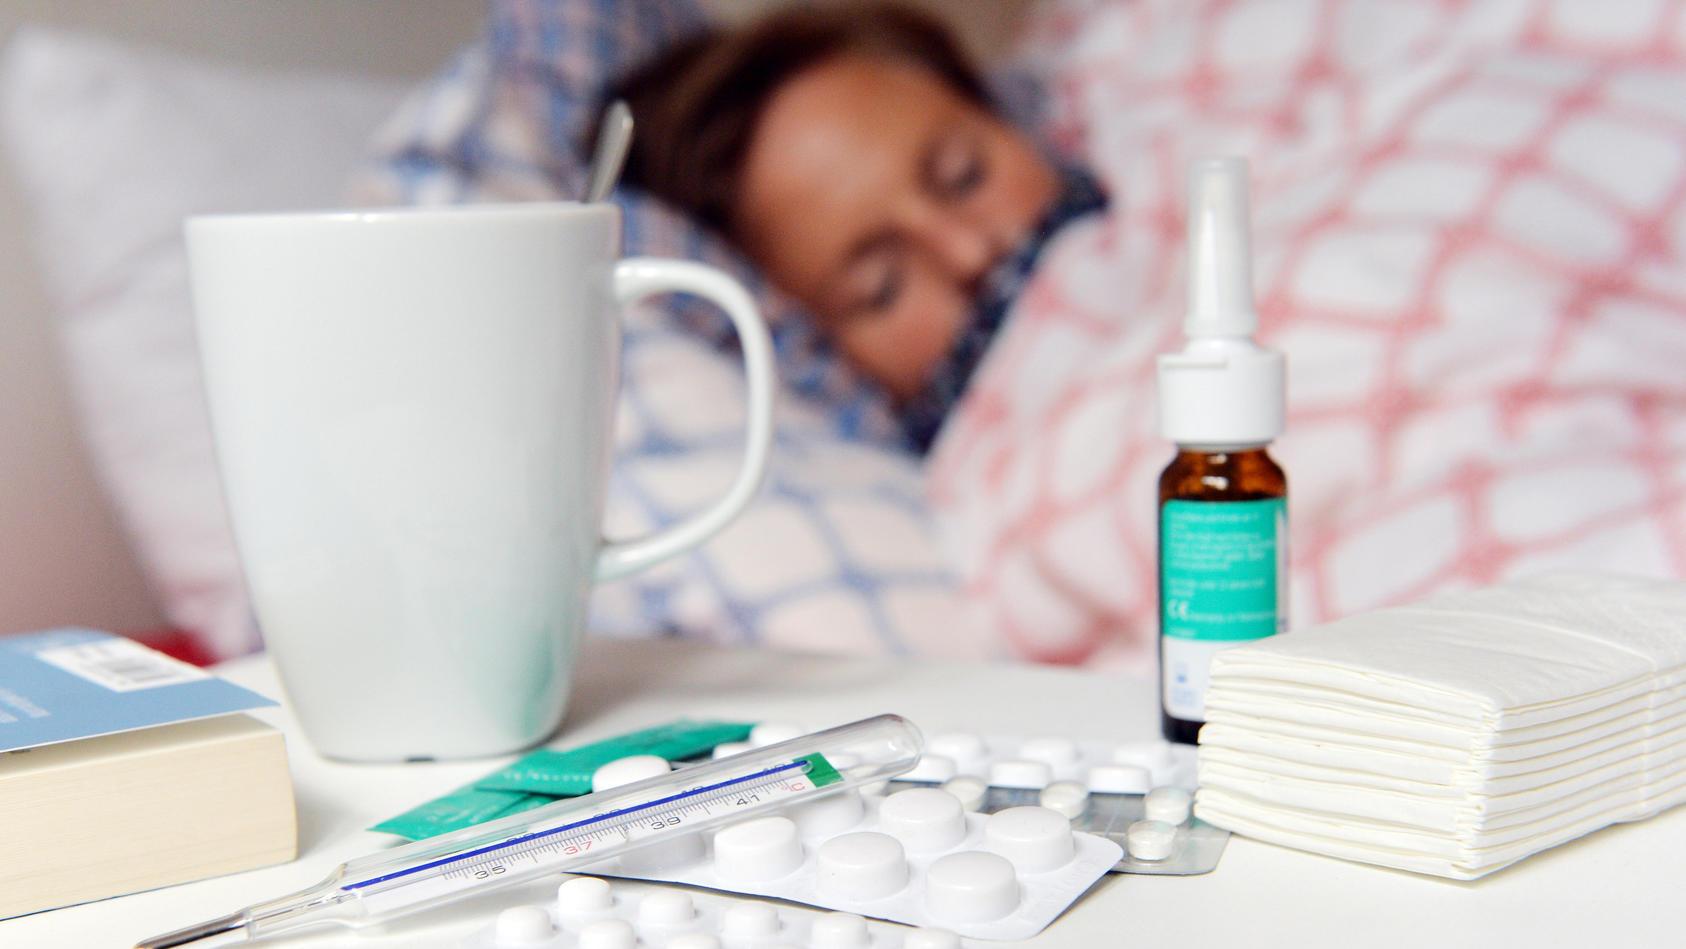 Die Grippewelle nimmt in Deutschland langsam Fahrt auf.